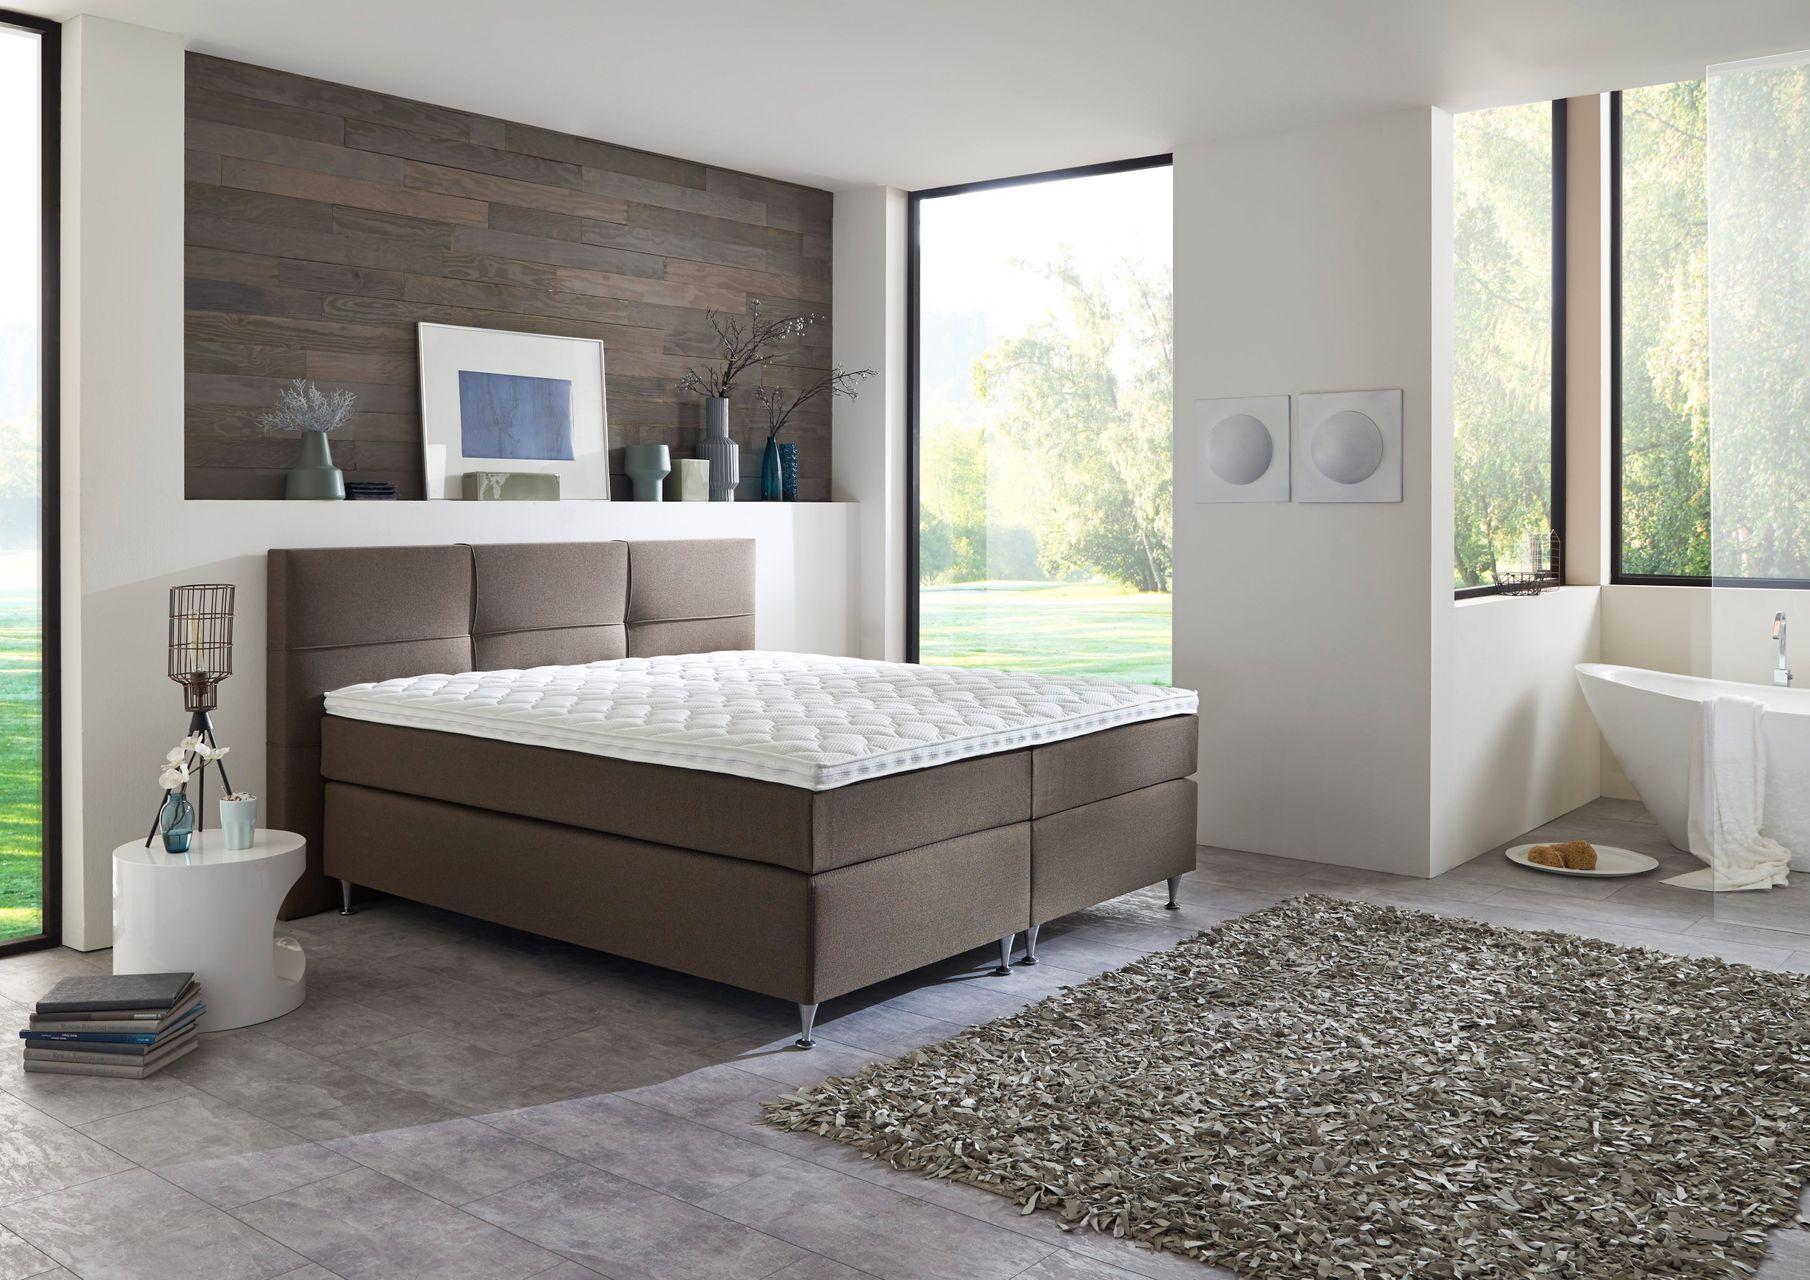 Full Size of Betten überlänge Denver Amerikanisches Boxspringbett Belvandeo Amazon Bei Ikea Test Düsseldorf Amerikanische Für übergewichtige 200x220 Billerbeck Bett Betten überlänge